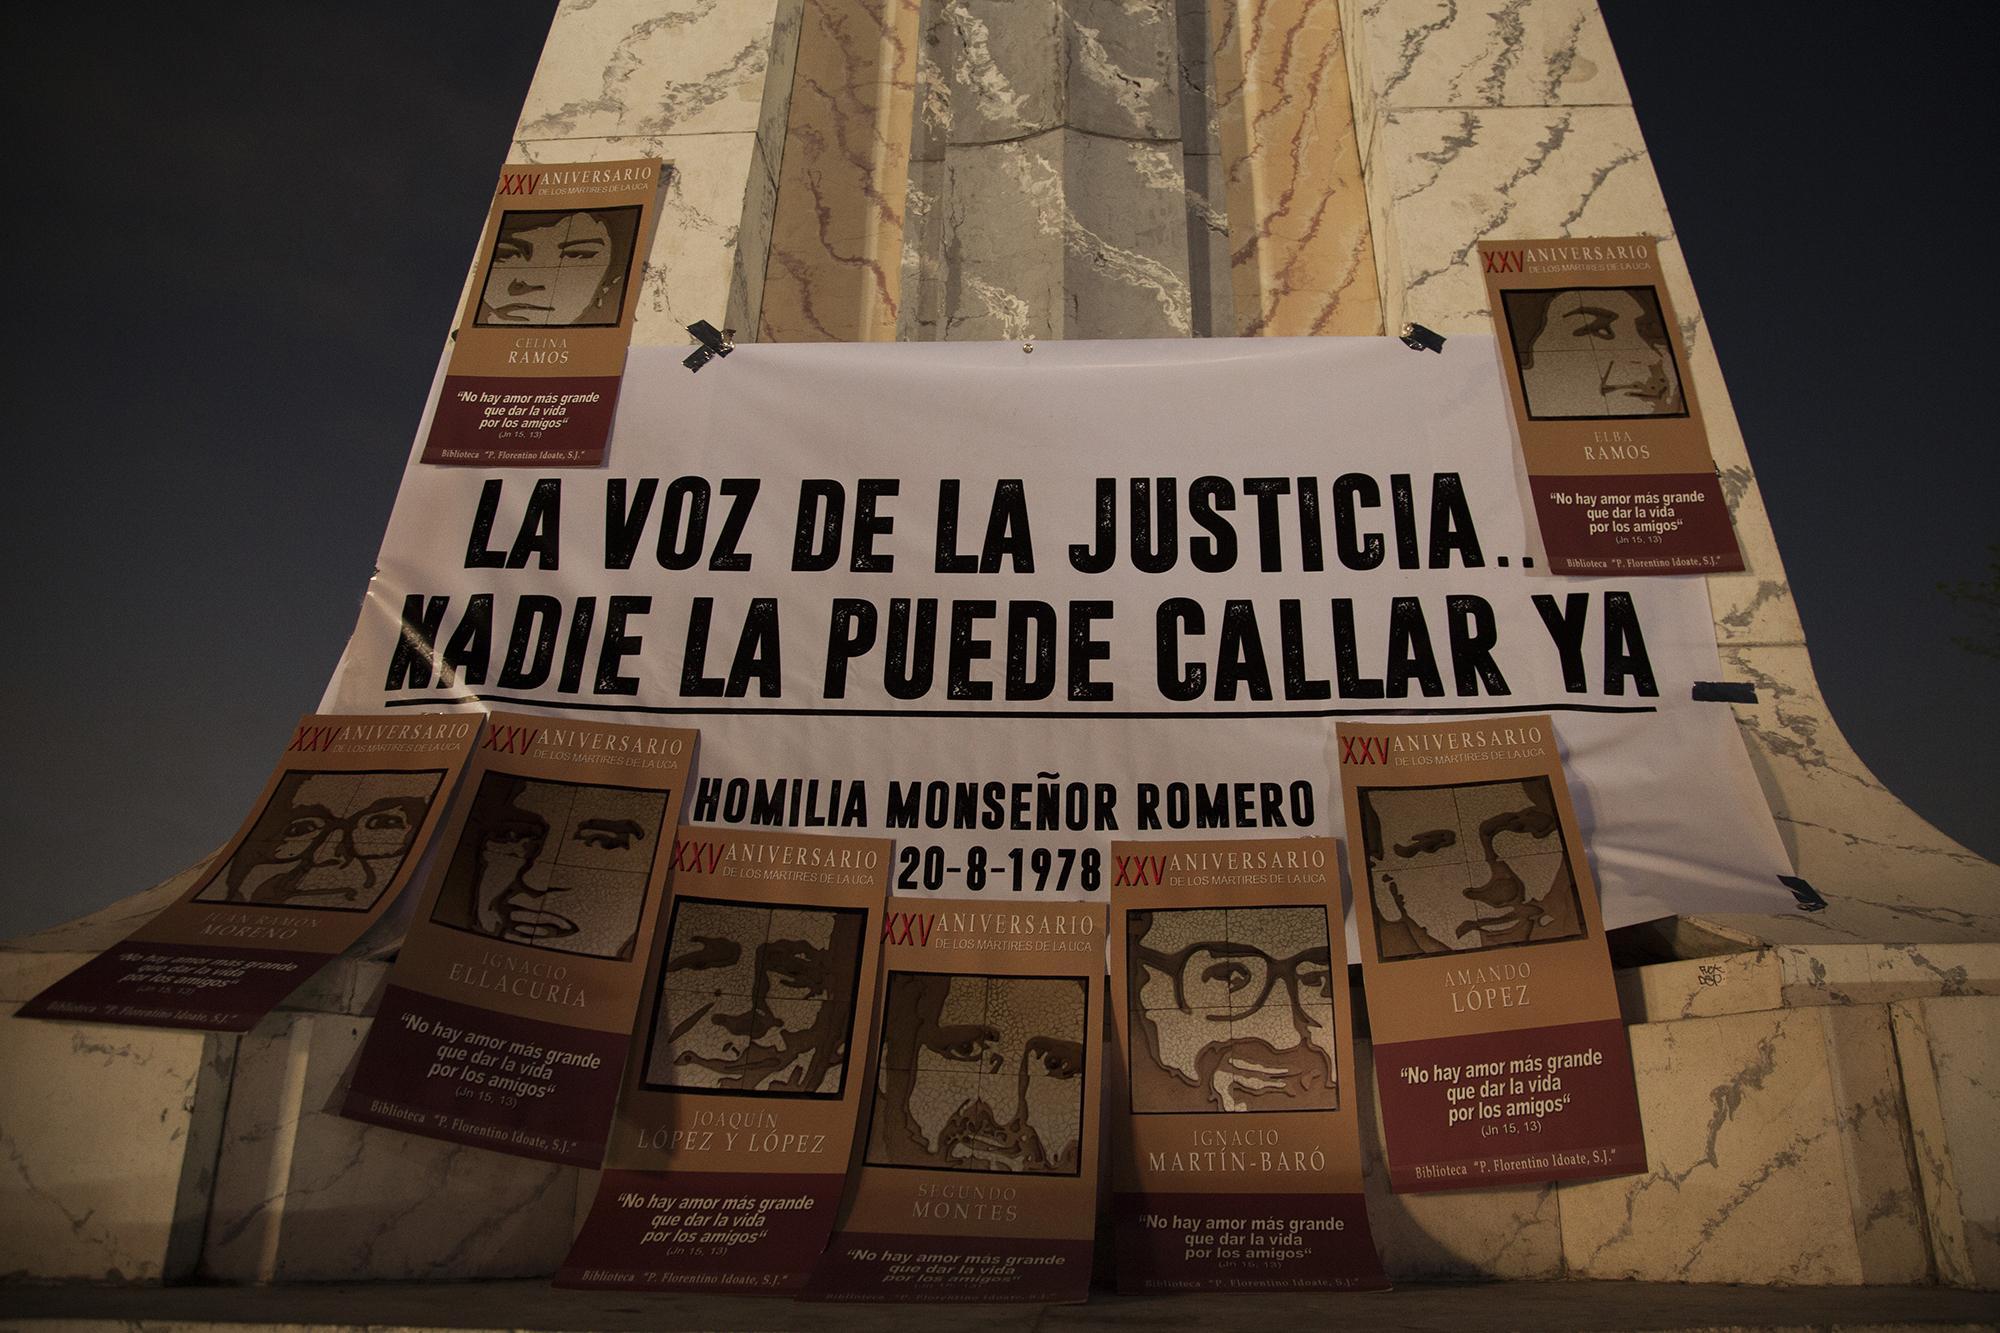 La voz de la justicia